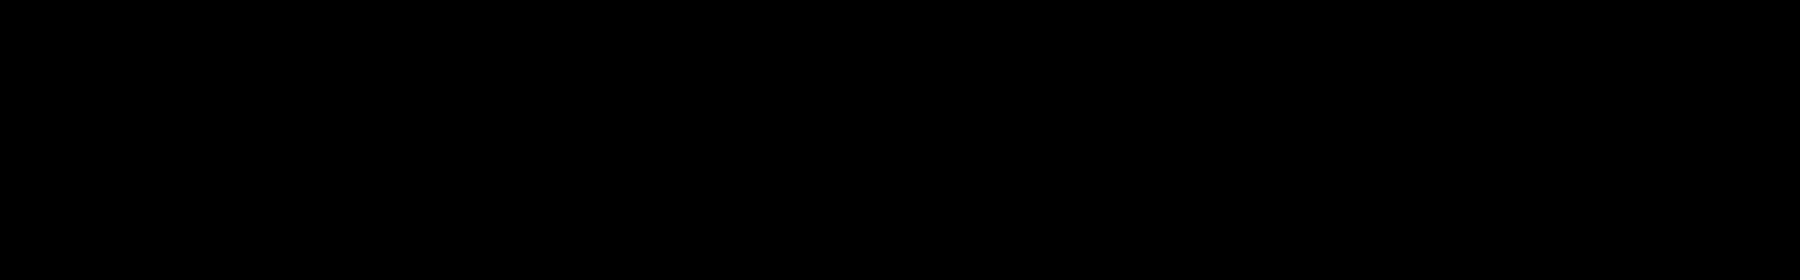 Saul Espada Minimal Samples audio waveform